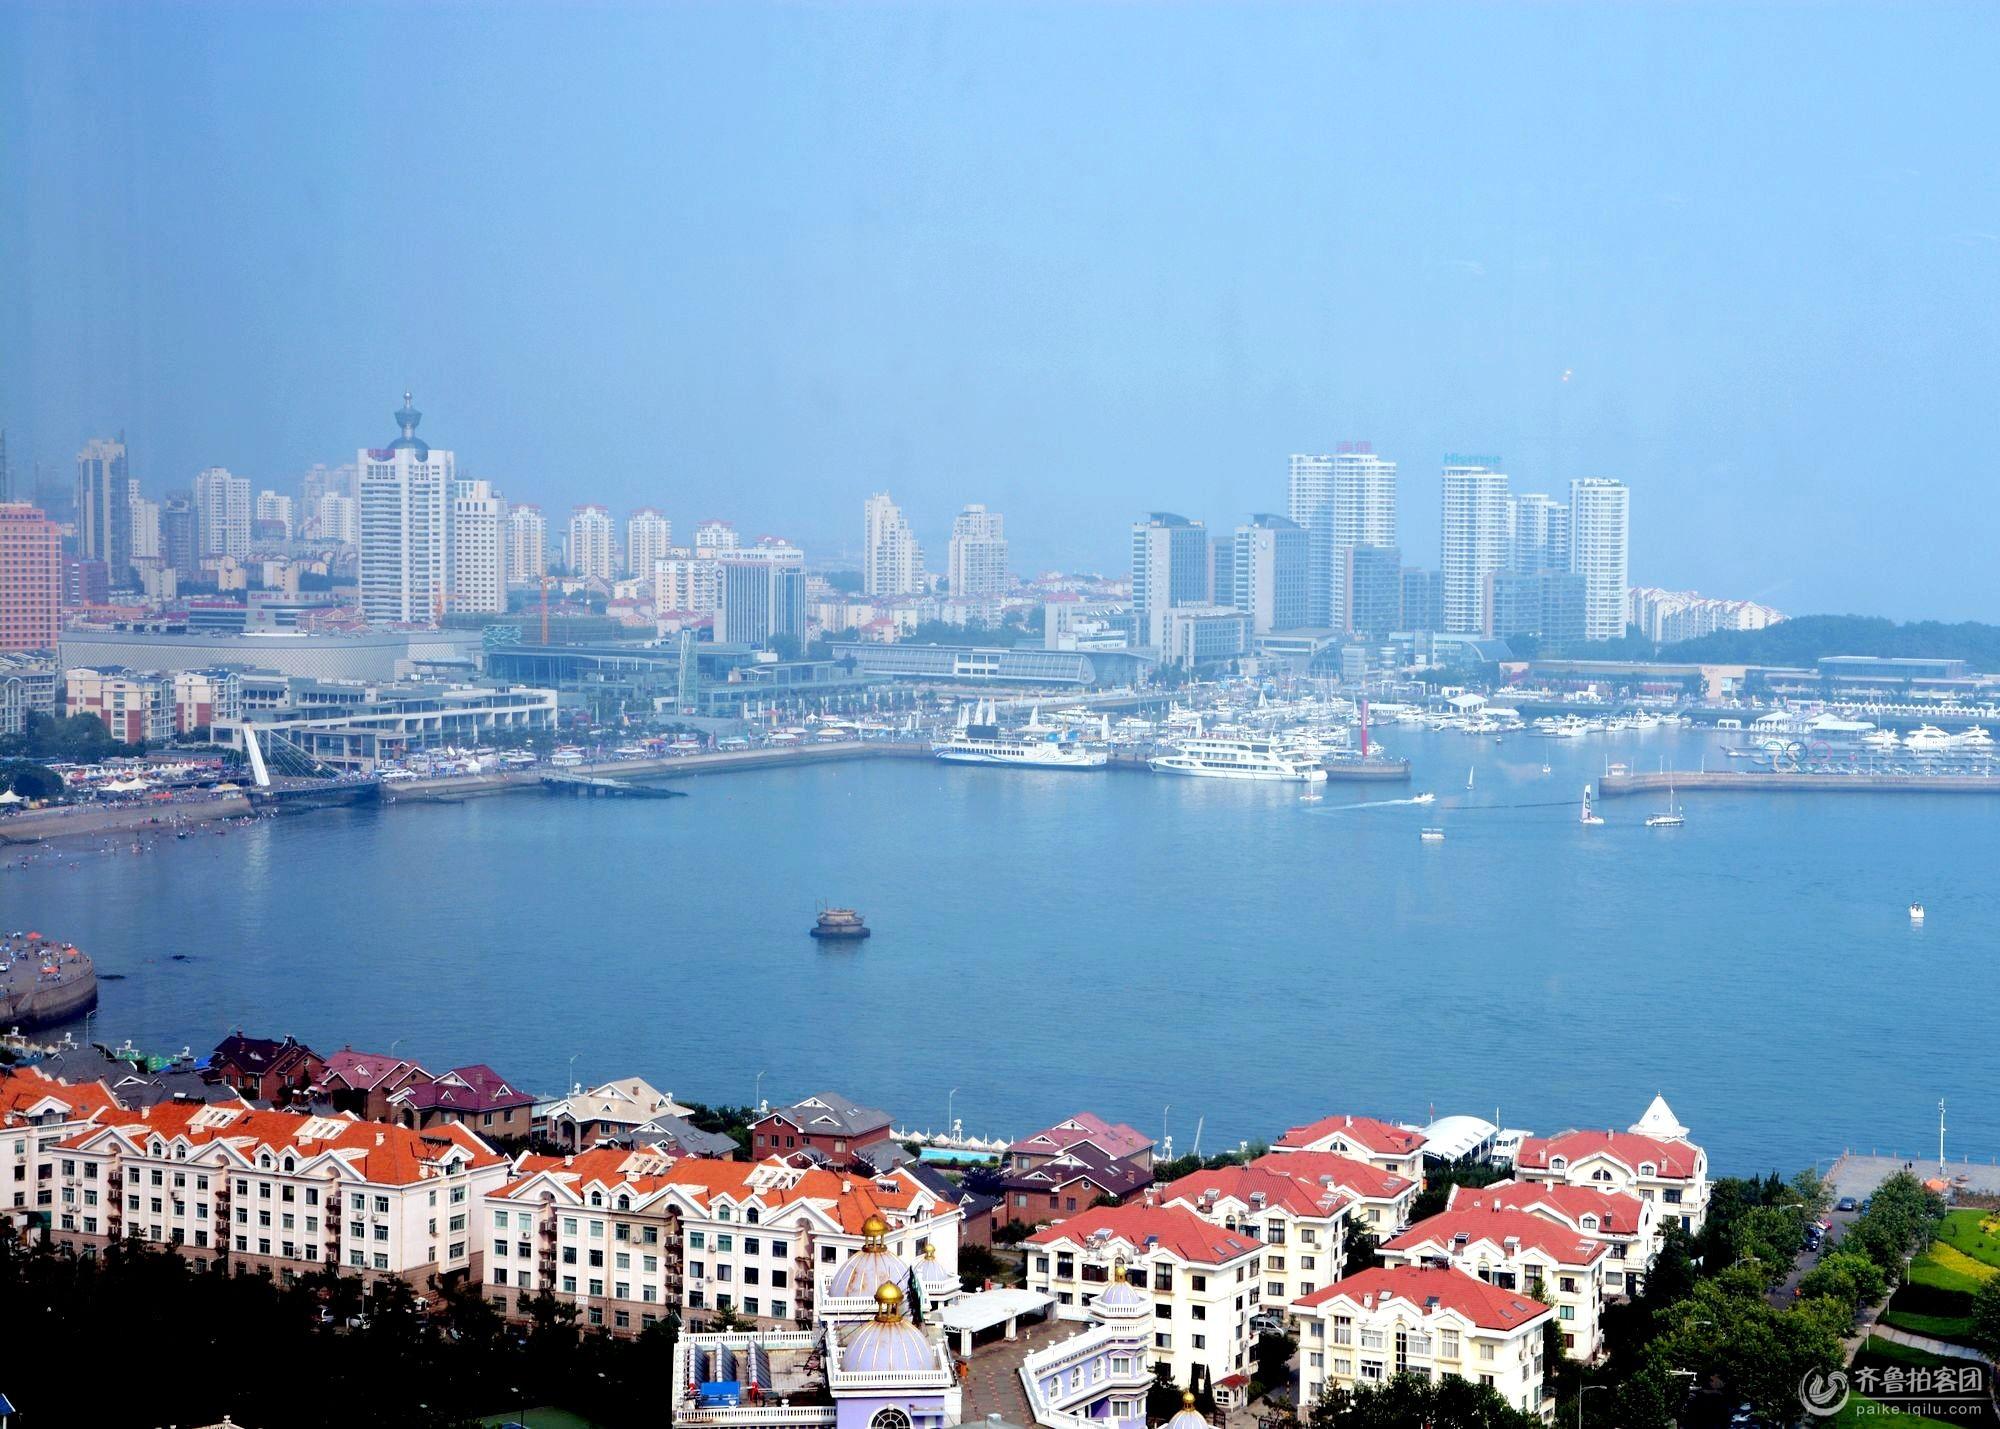 海信大厦25层俯瞰红瓦,绿树,碧海 - 青岛拍客 - 齐鲁